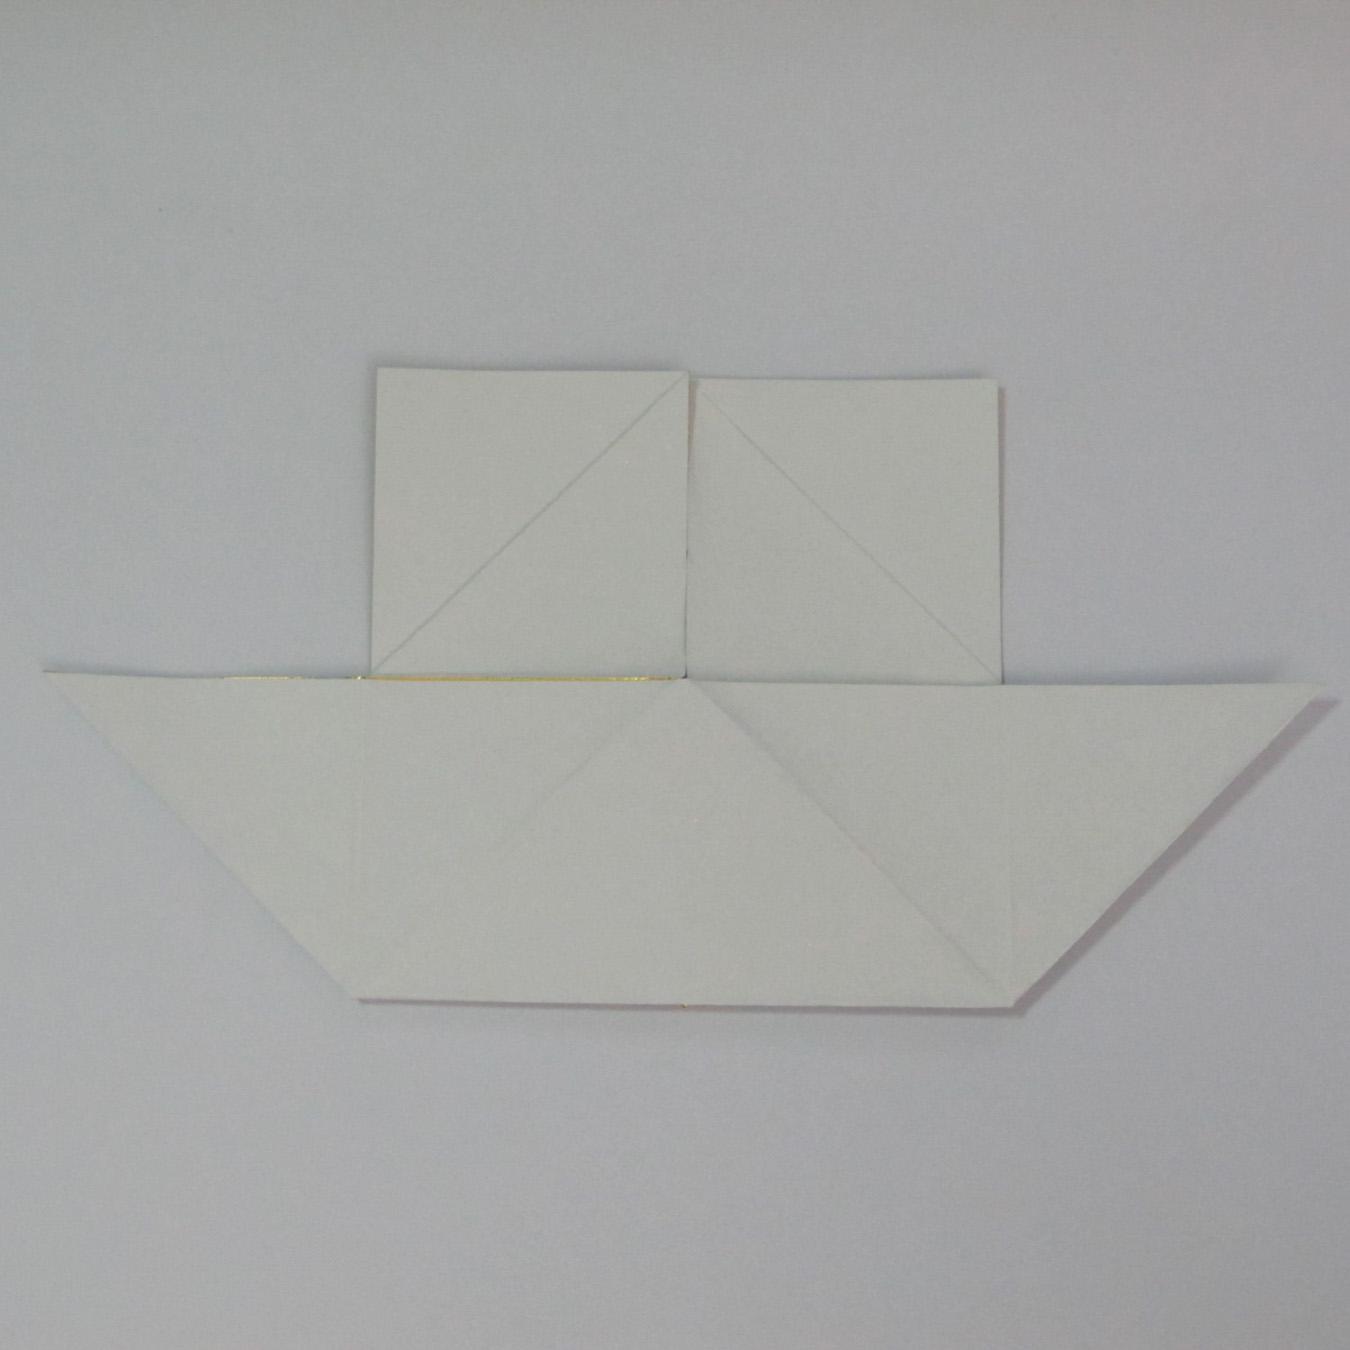 วิธีพับกระดาษเป็นรูปหัวใจติดปีก (Heart Wing Origami) 019